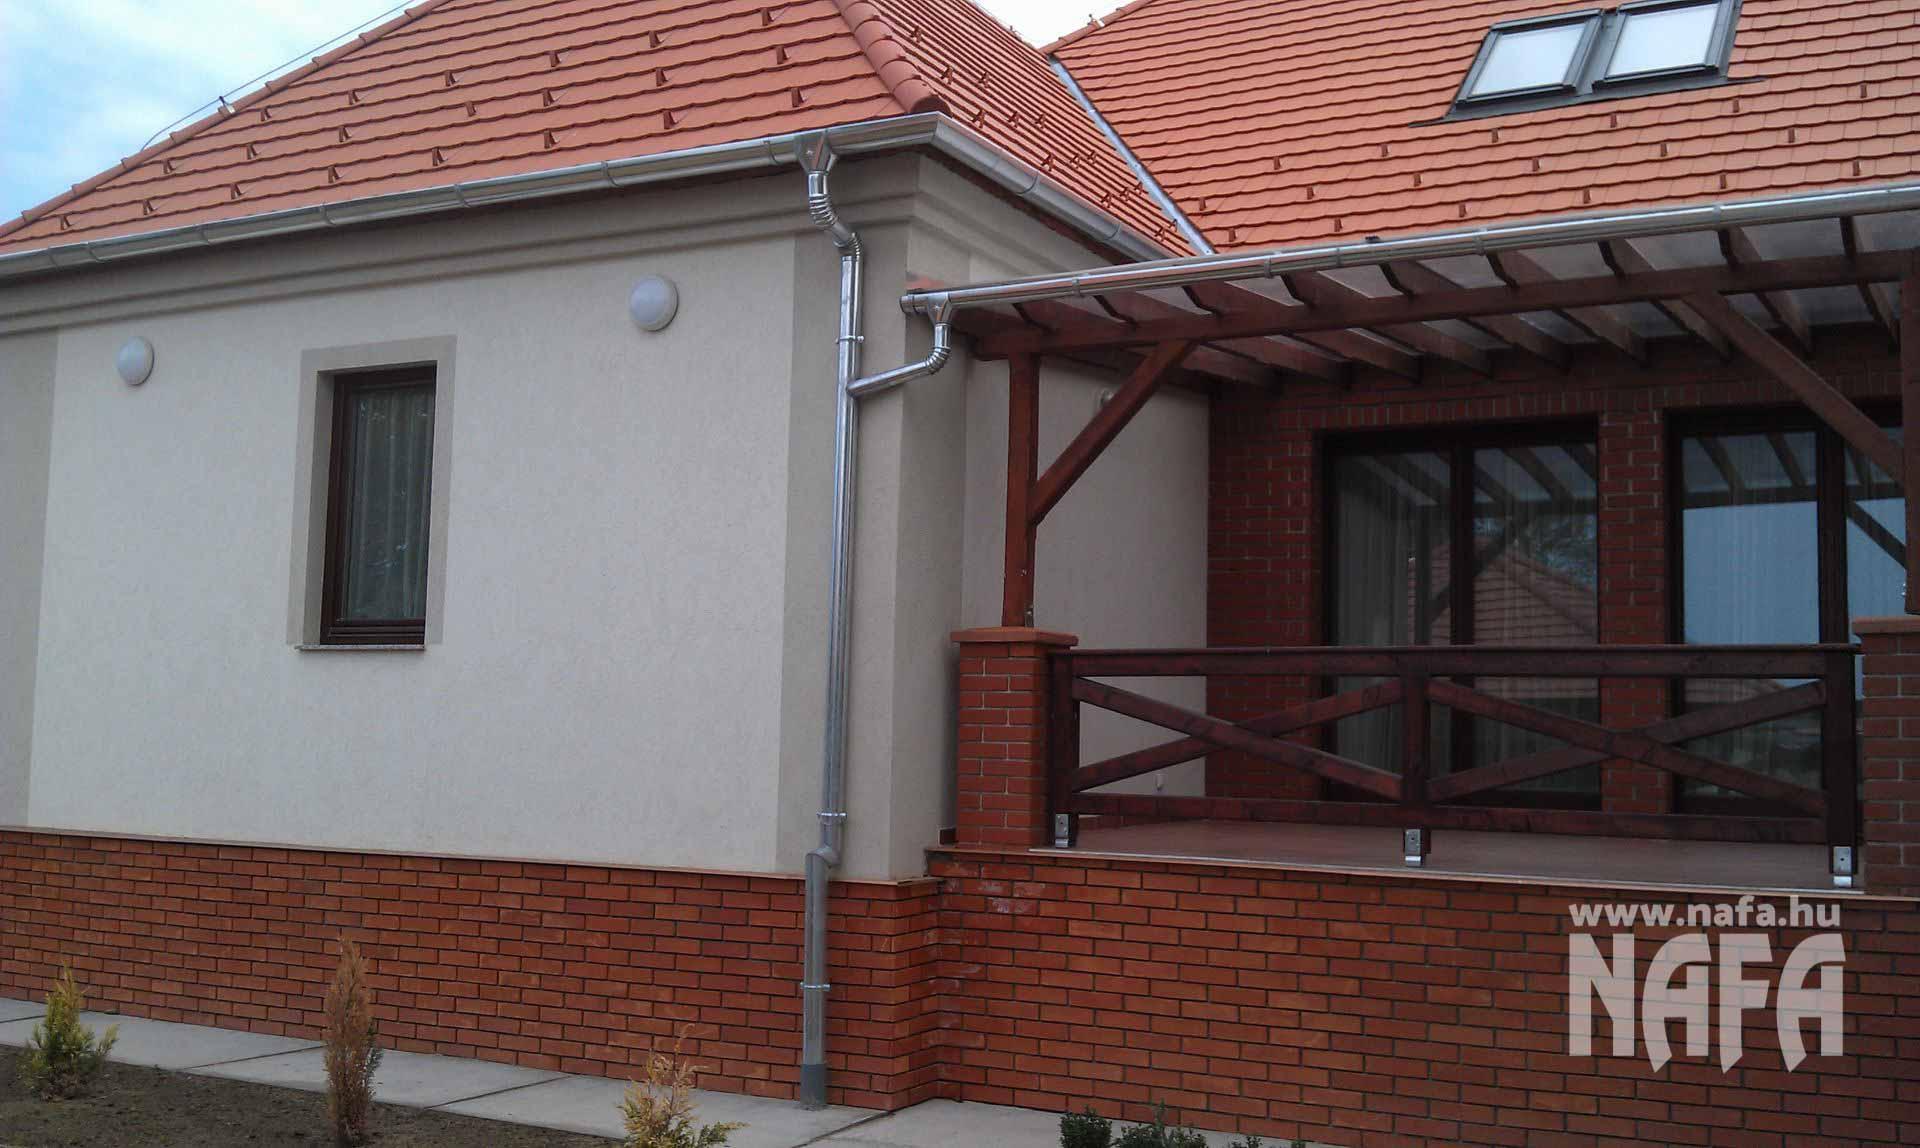 Fa nyílászárók, egyedi festett erkélyajtók és ablak, Somogyszob Iskola